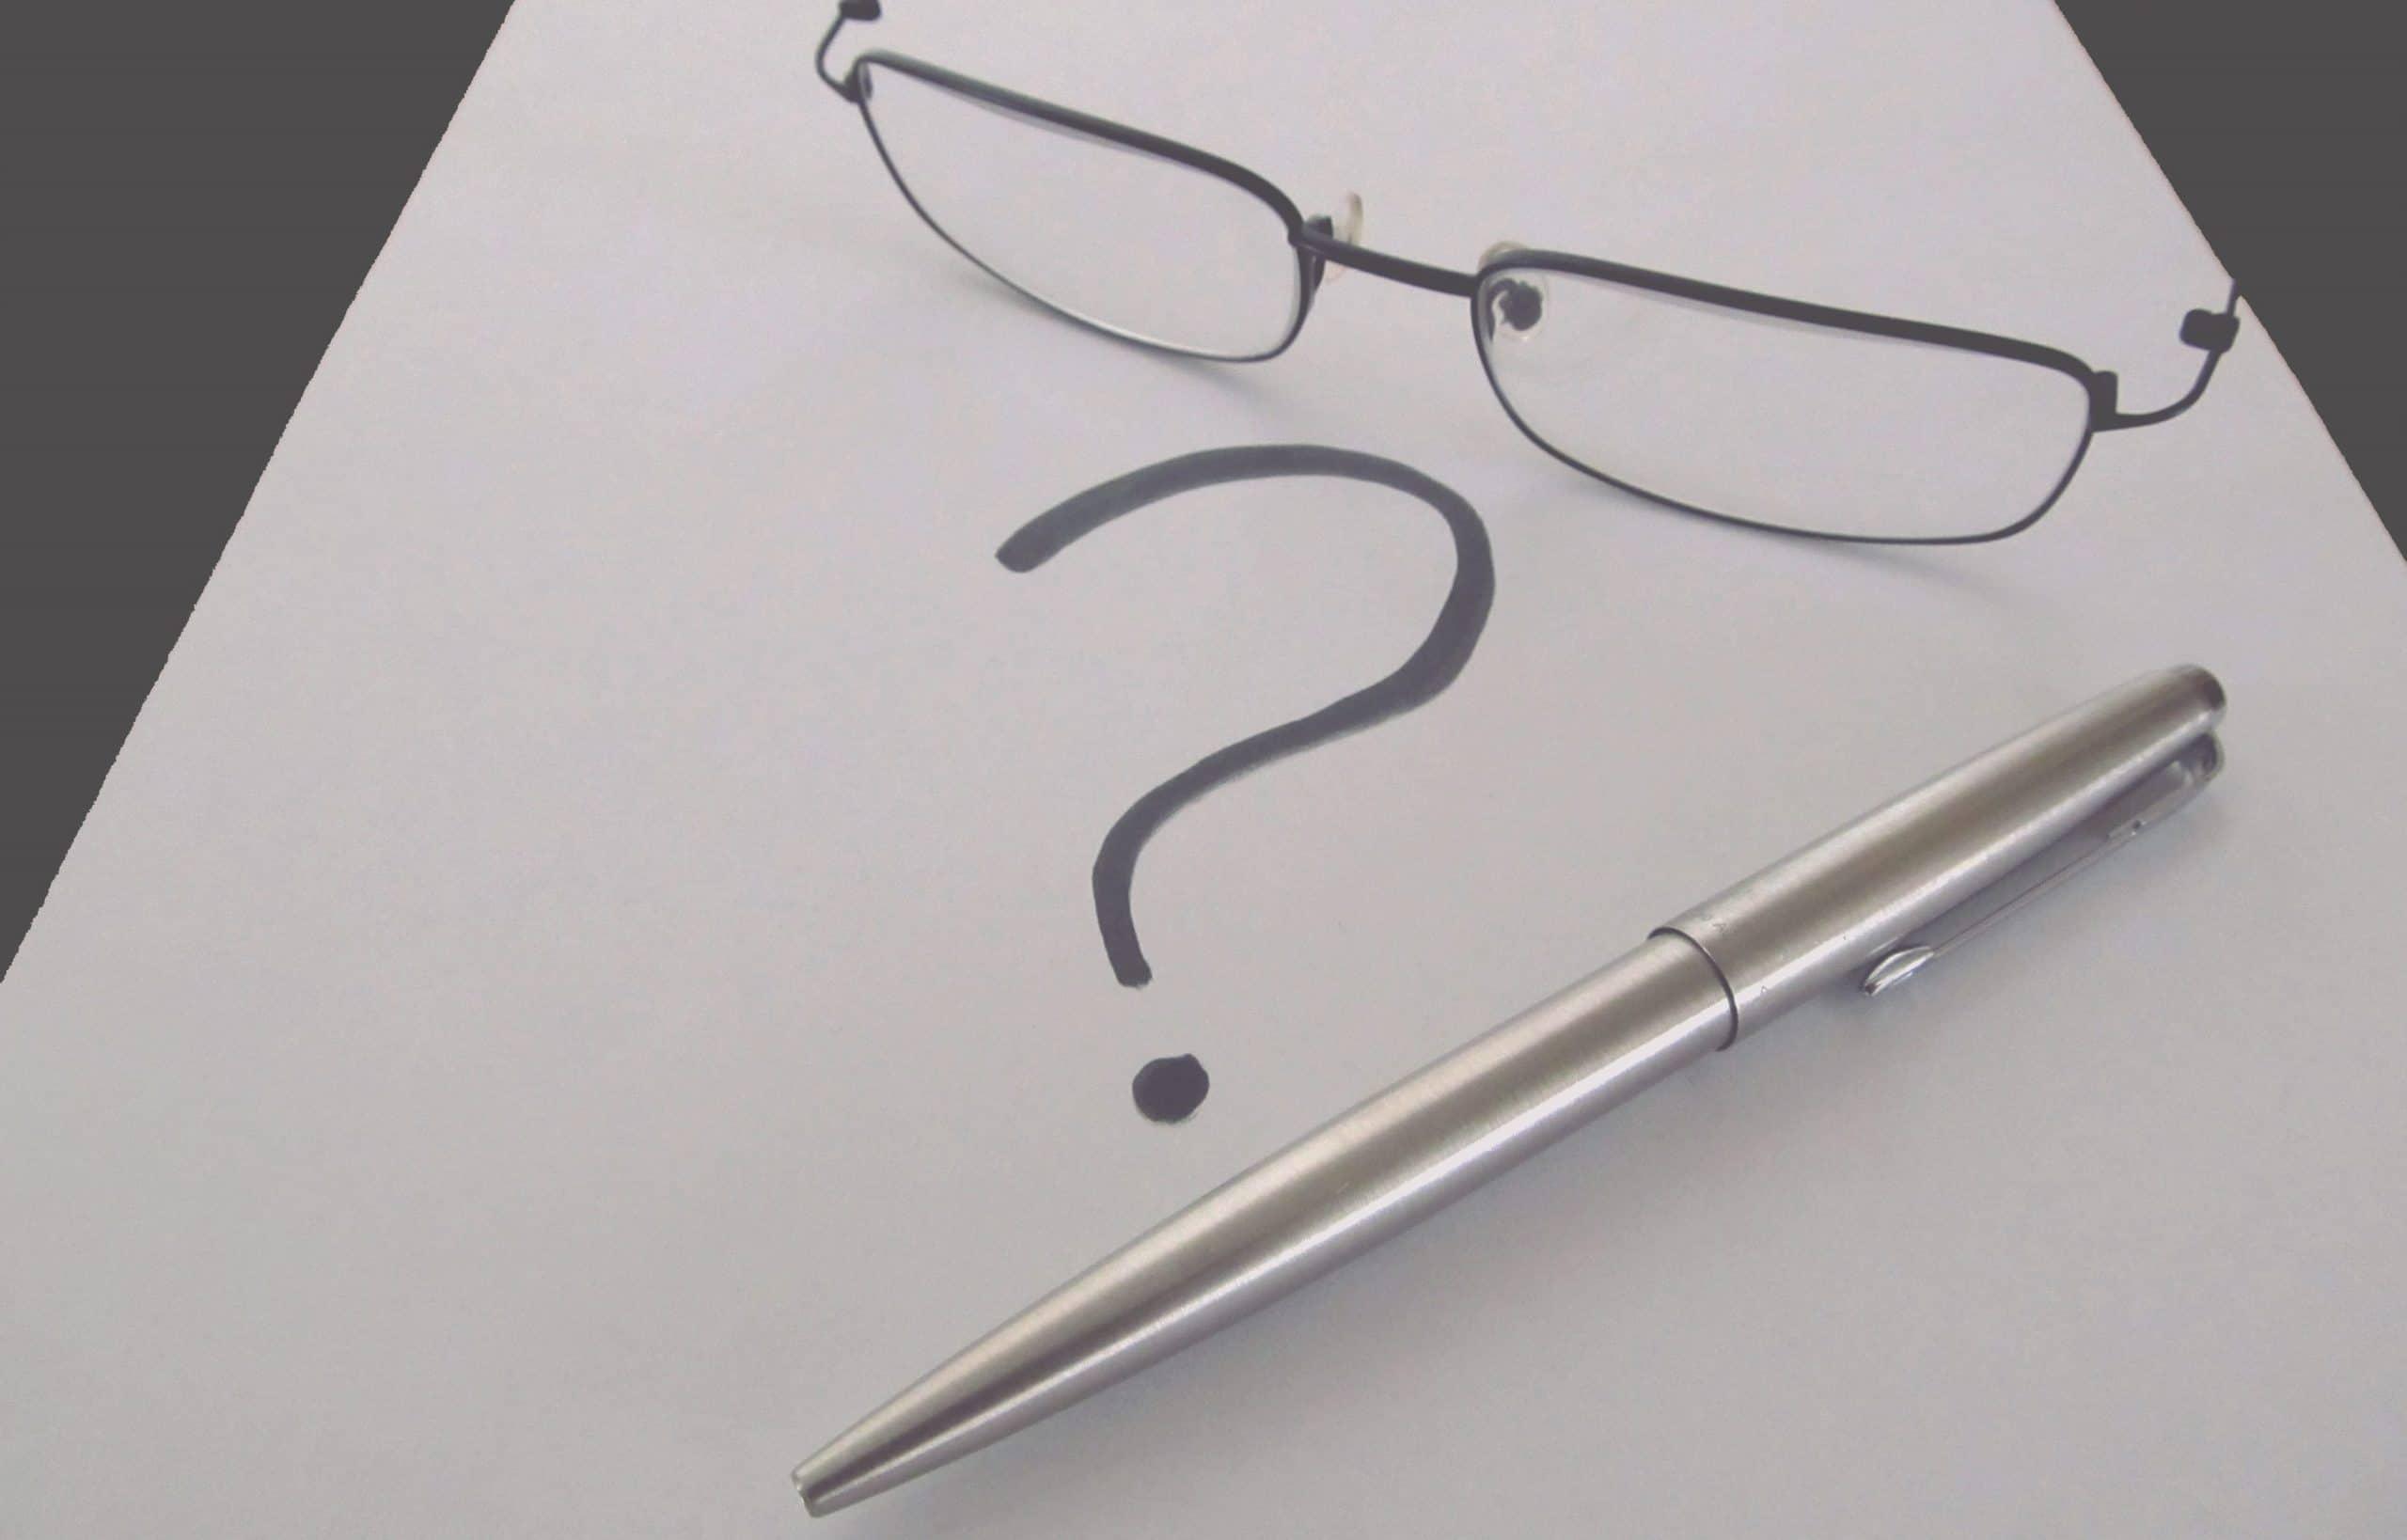 3 questões que todo freelancer precisa responder antes de escrever um artigo